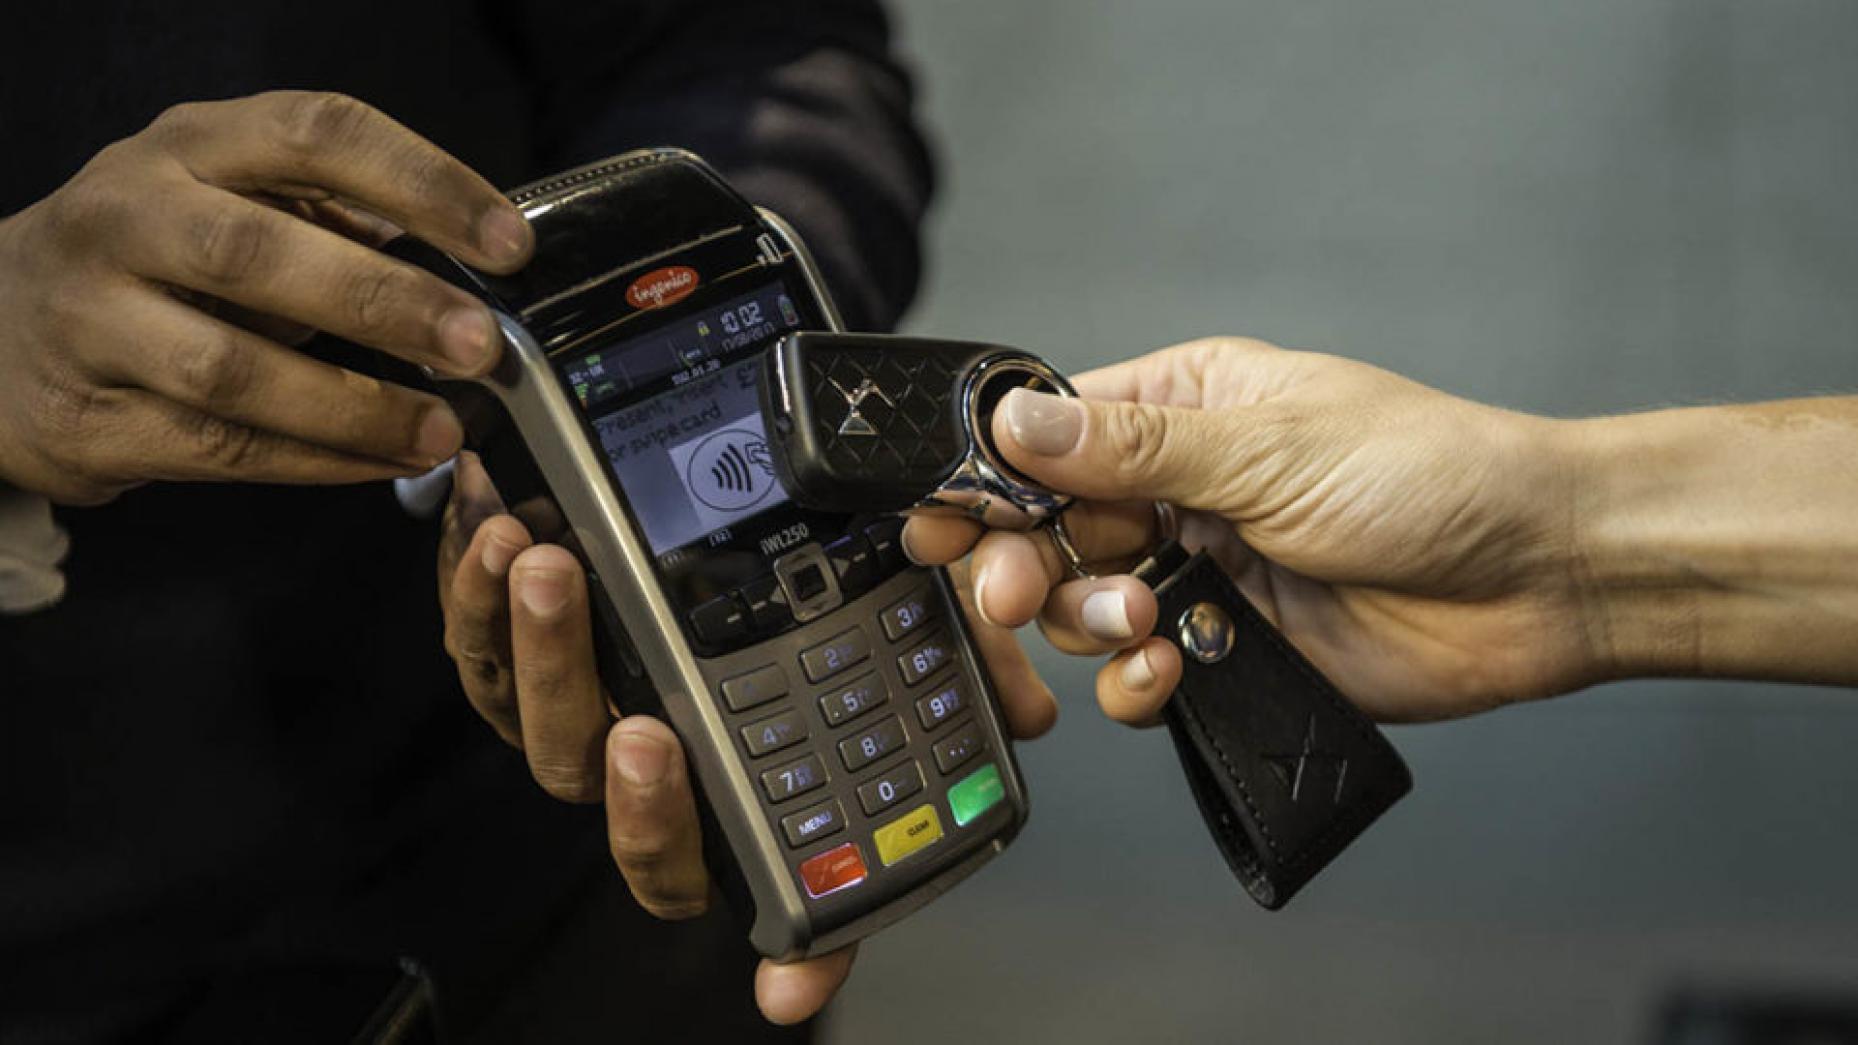 با کلید خودرویتان پرداخت کنید/ فناوری جدید ds برای آسانی سبک زندگی